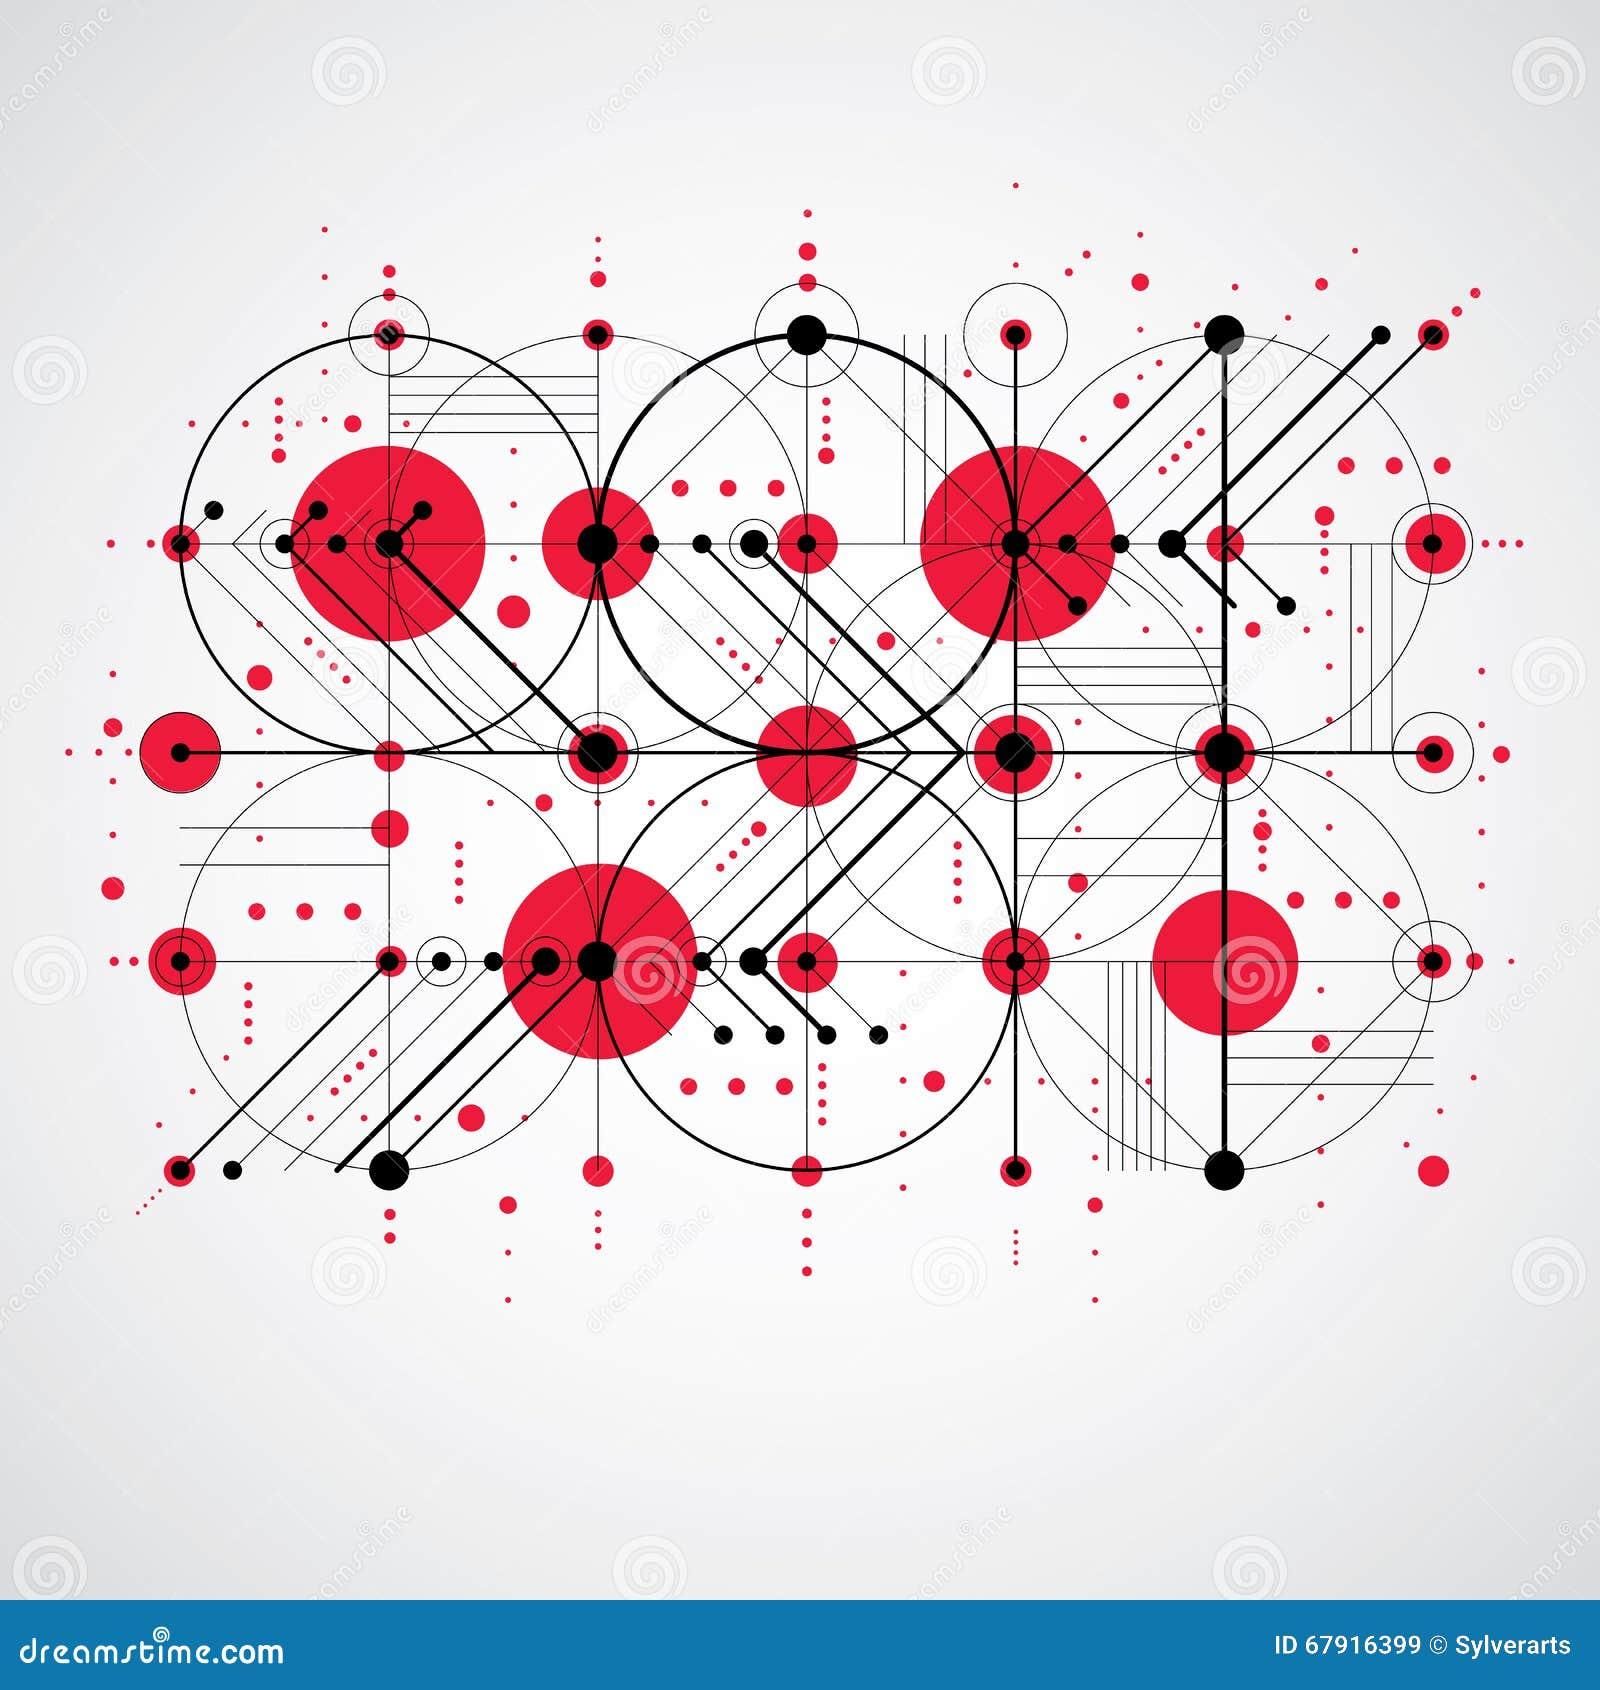 bauhaus art composition decorative modular red vector wallpaper